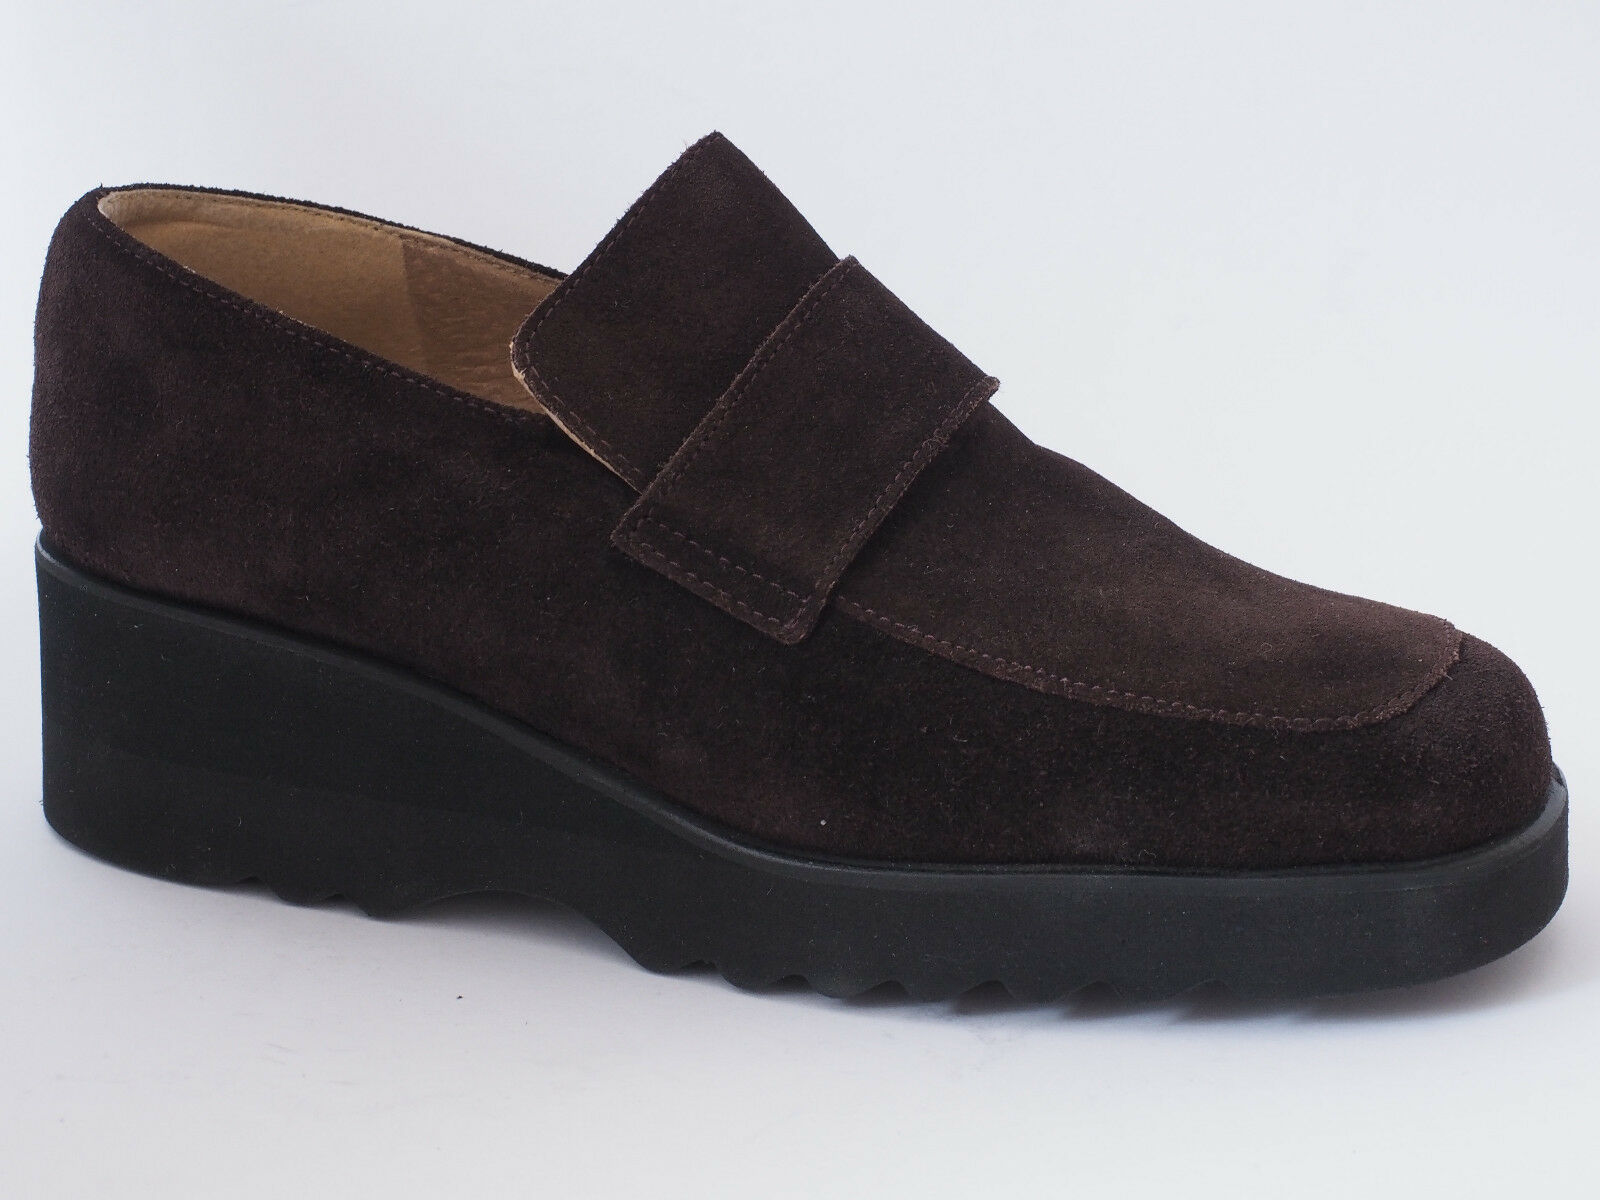 Diane zapatos zapatos zapatos señora mocasines cuero 36 1 2 zapato bajo marrón NUEVO 3f5743